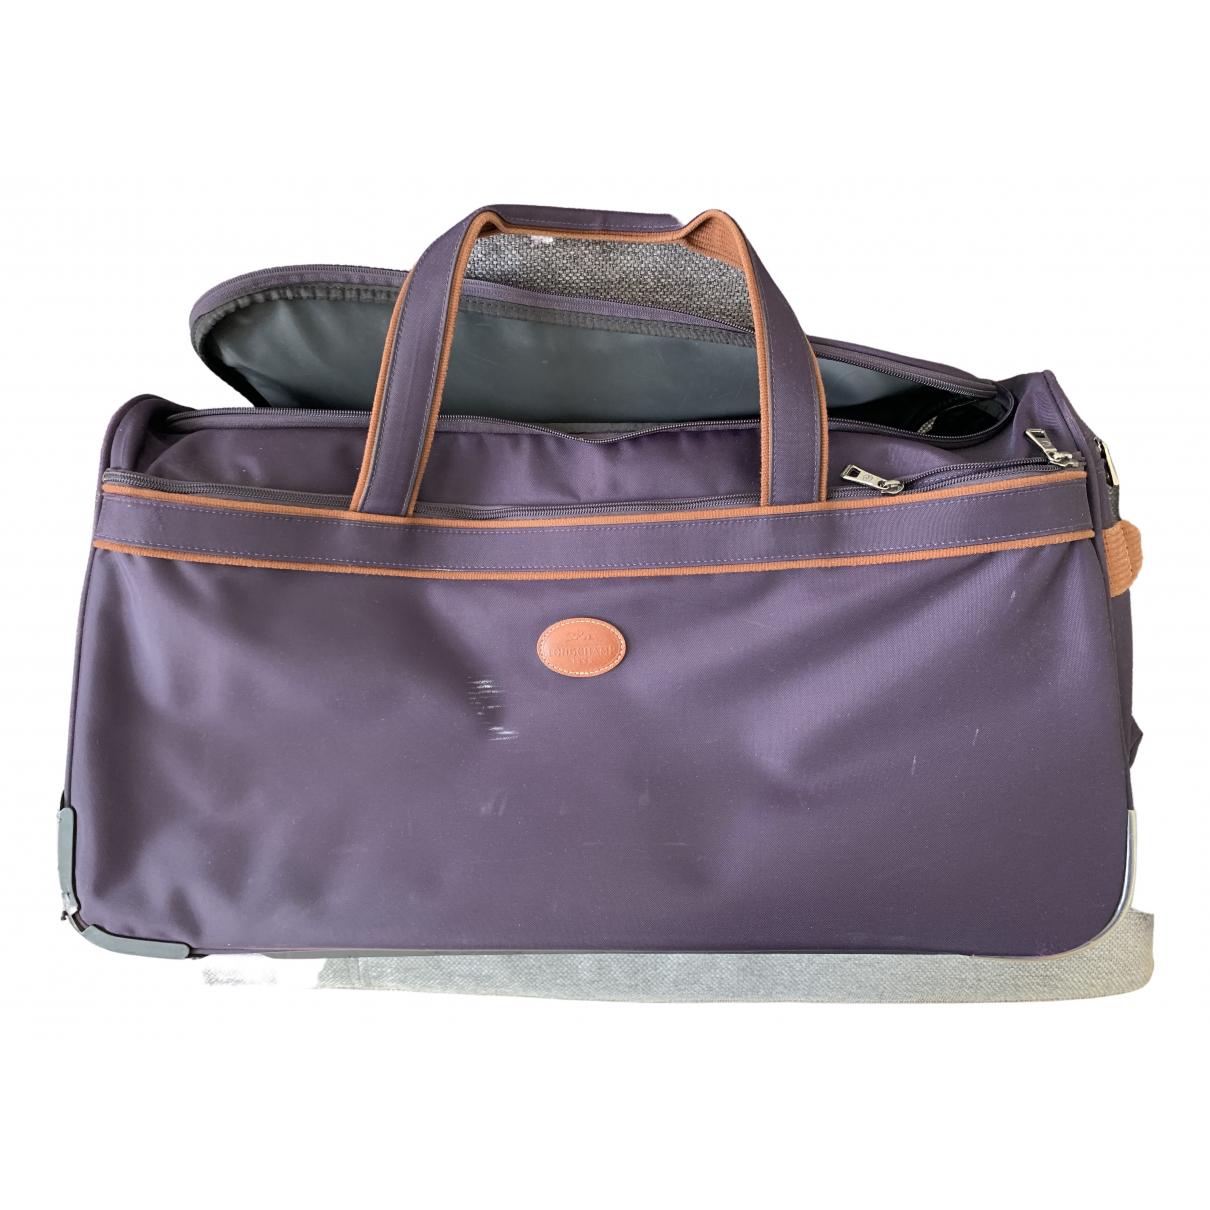 Longchamp - Sac de voyage   pour femme - violet